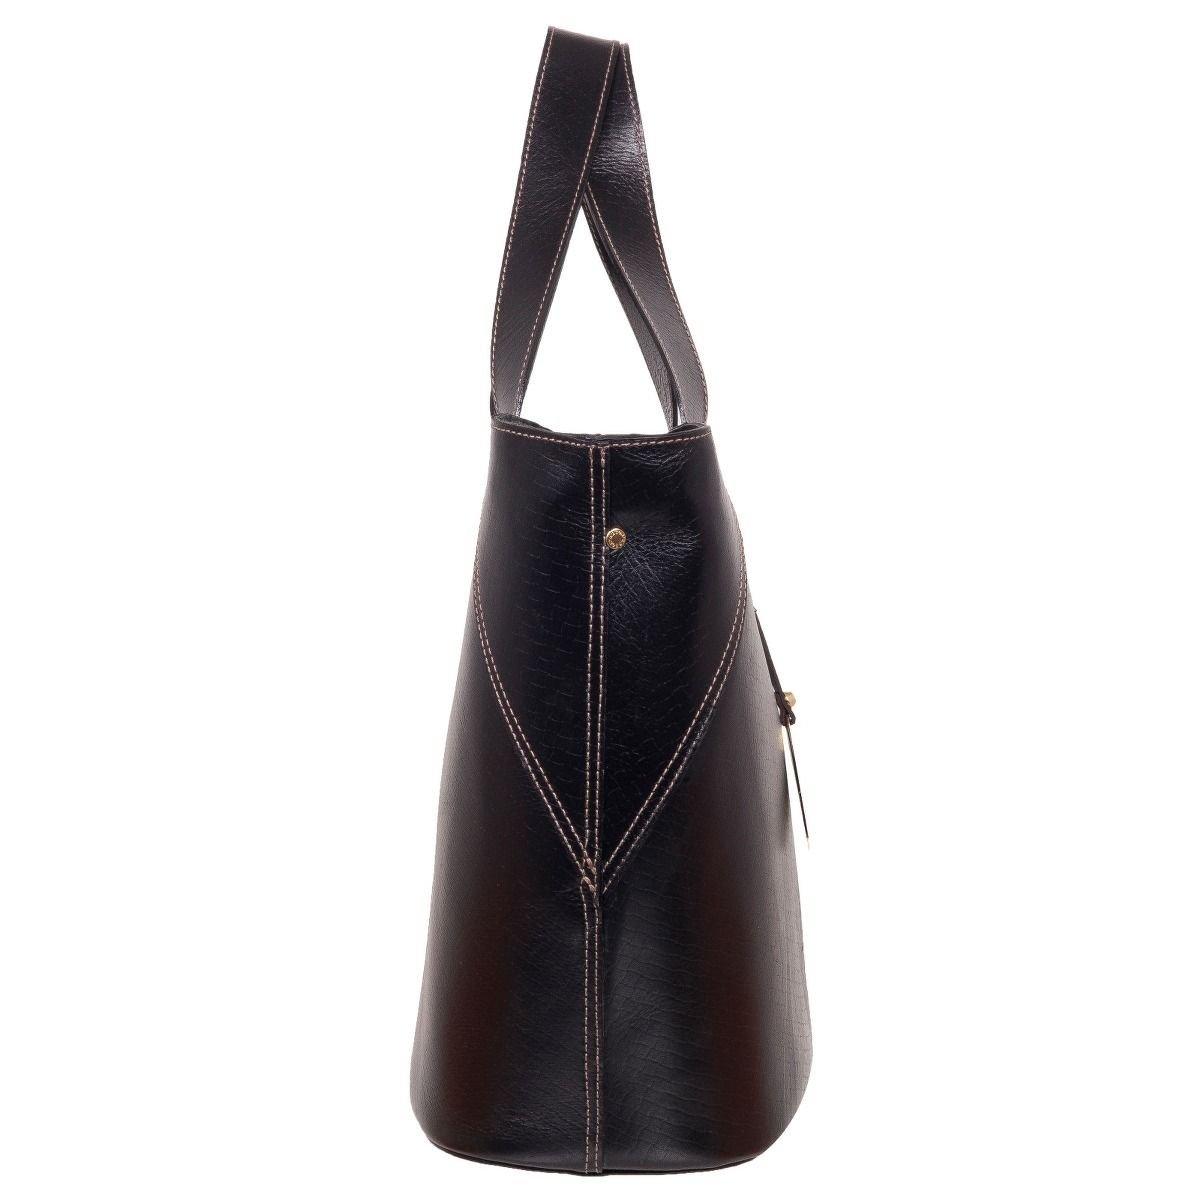 Bolsa De Couro Legitimo Usada : Bolsa eco bag em couro leg?timo black